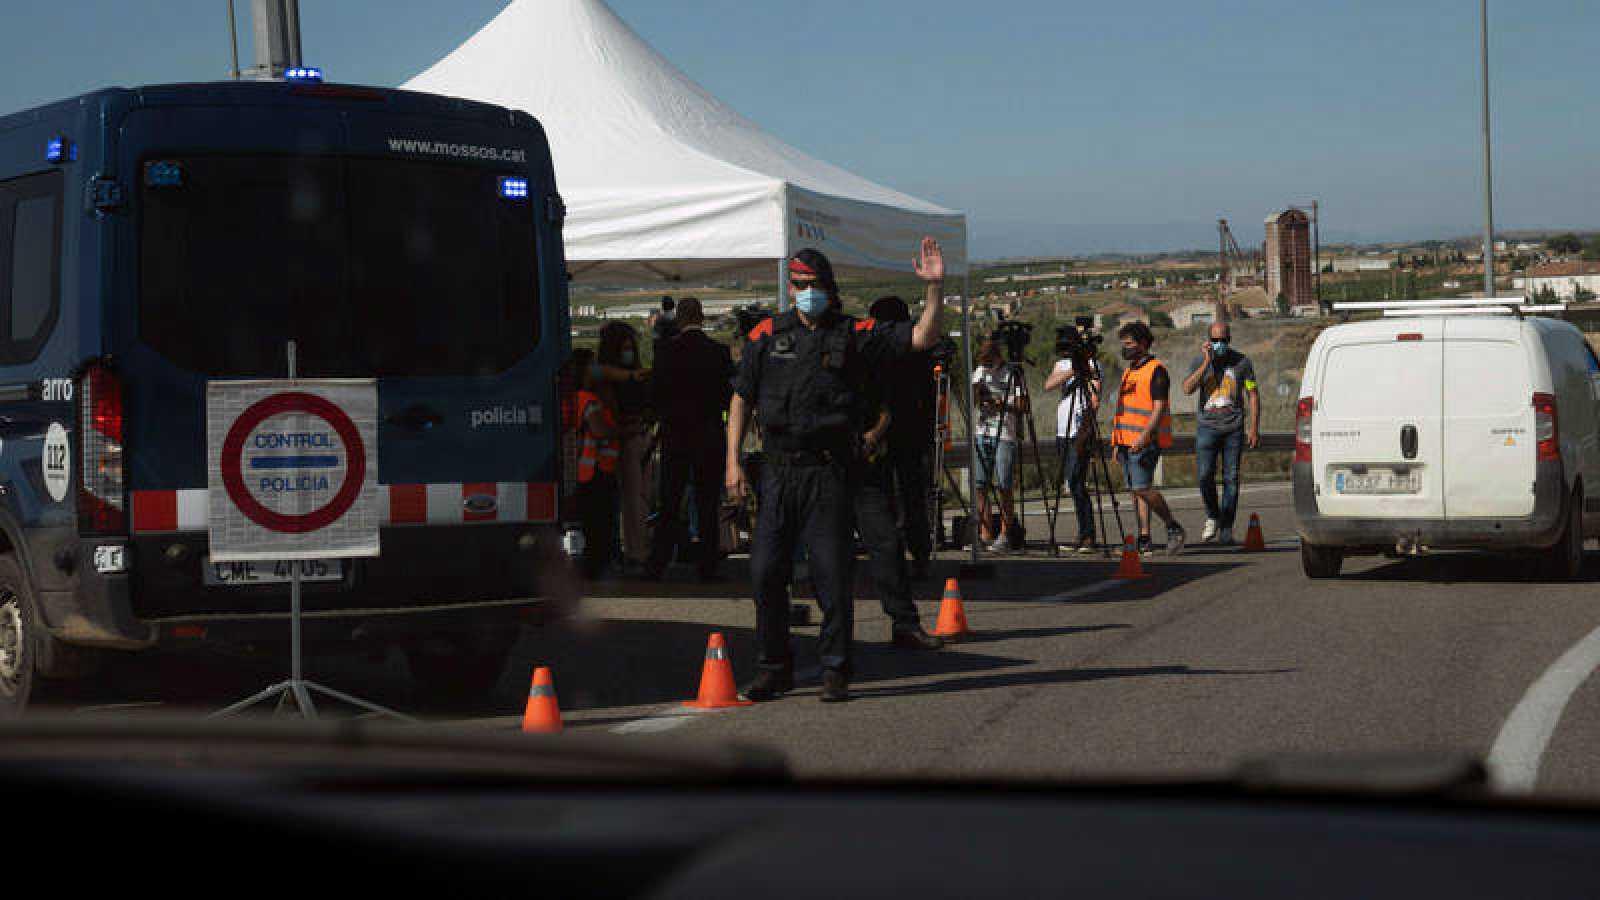 Un Mosso d'Esquadra realiza un control de carreteras en la comarca del Segrià (Lleida), tras su confinamiento a causa de los brotes por coronavirus.